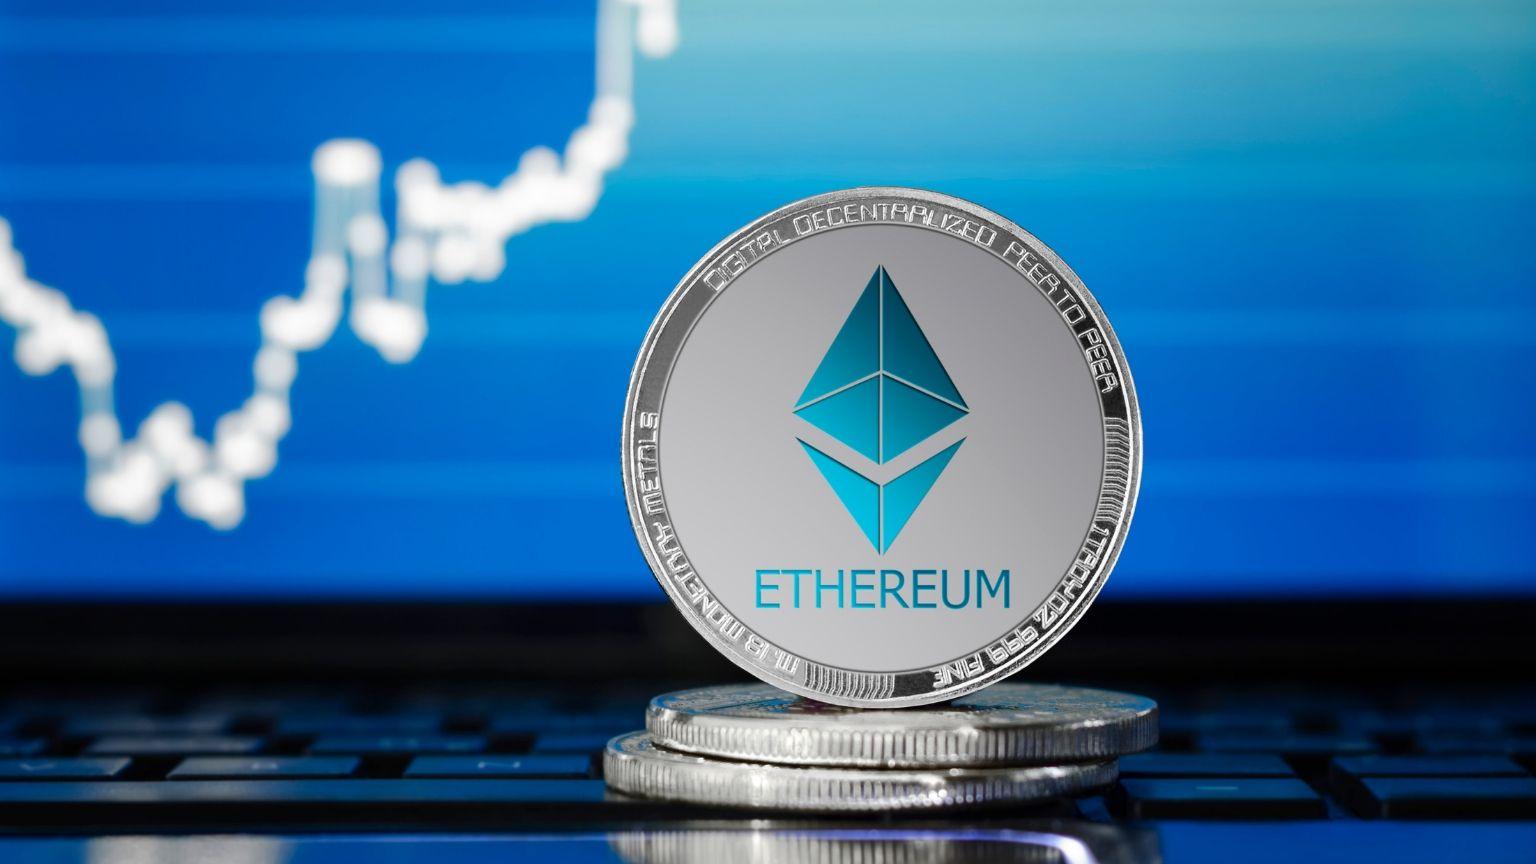 Analisi e trend dei prezzi di Ethereum e Binance Coin (BNB)